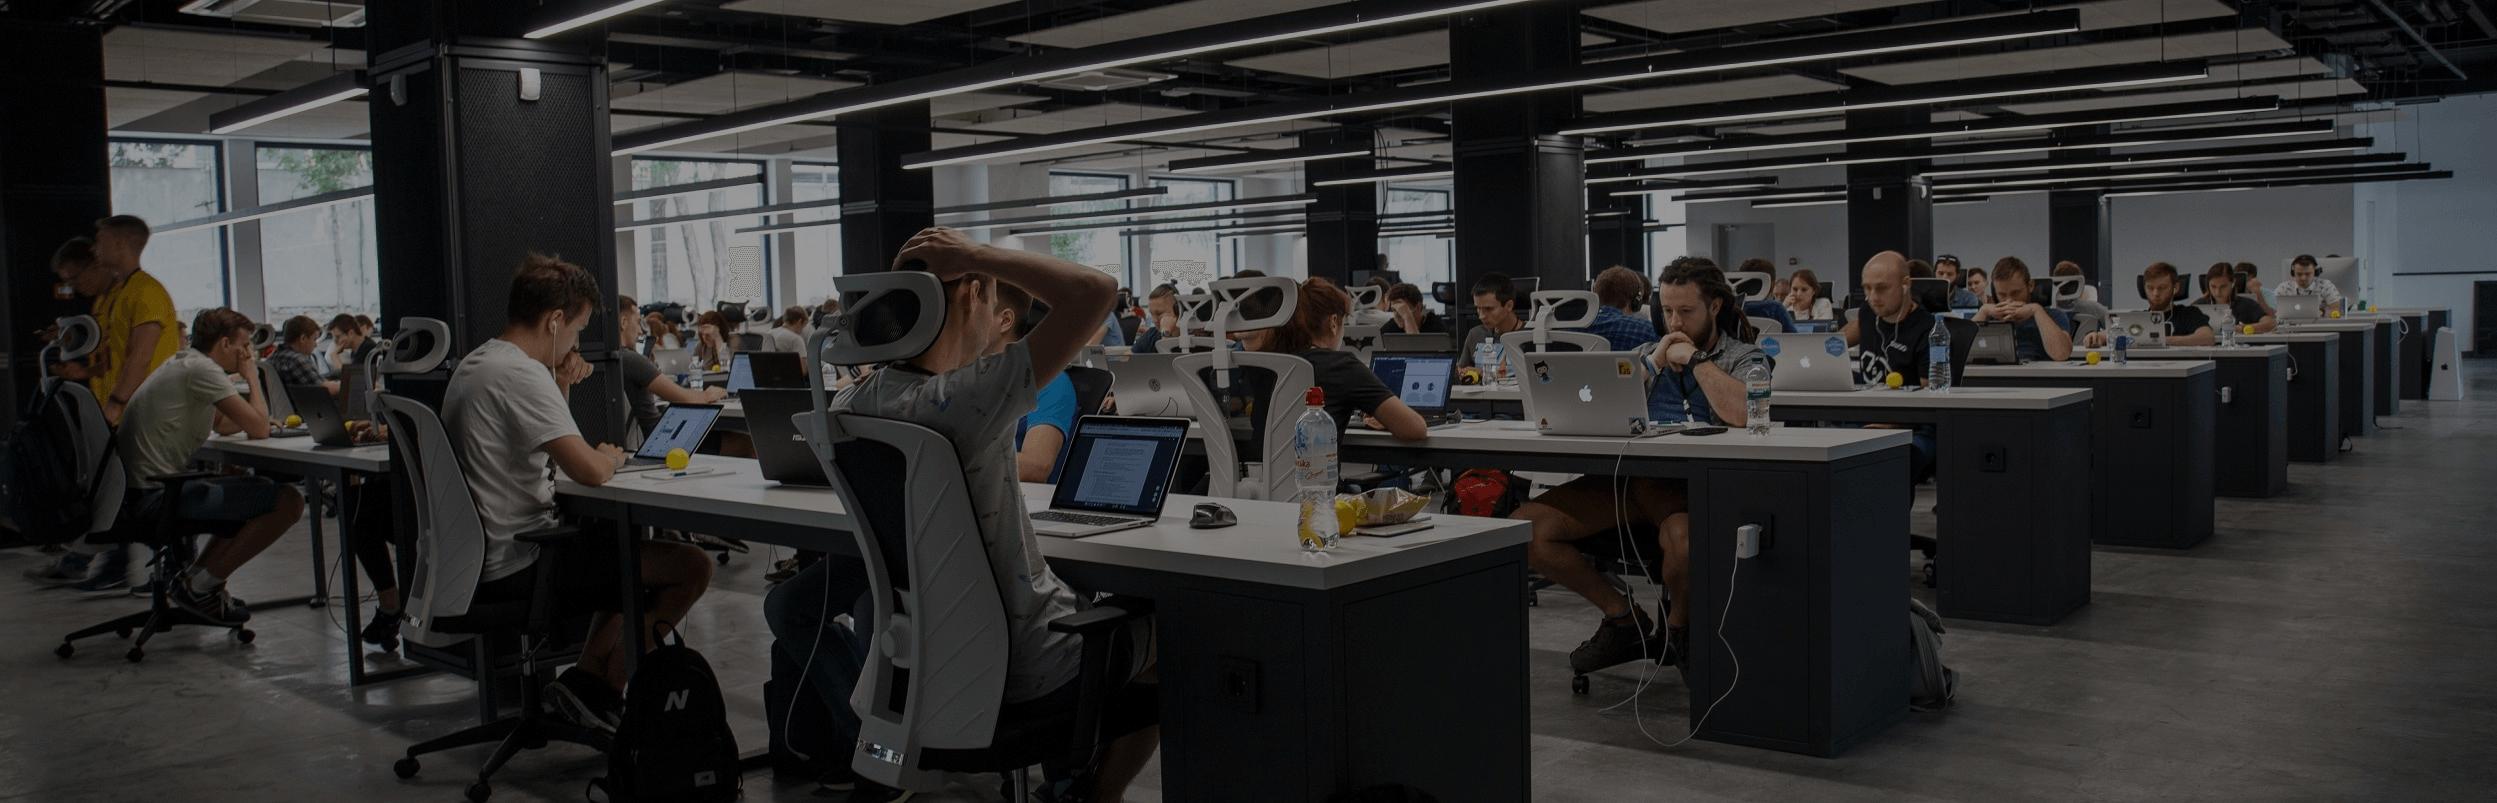 les outils collaboratifs Acollab